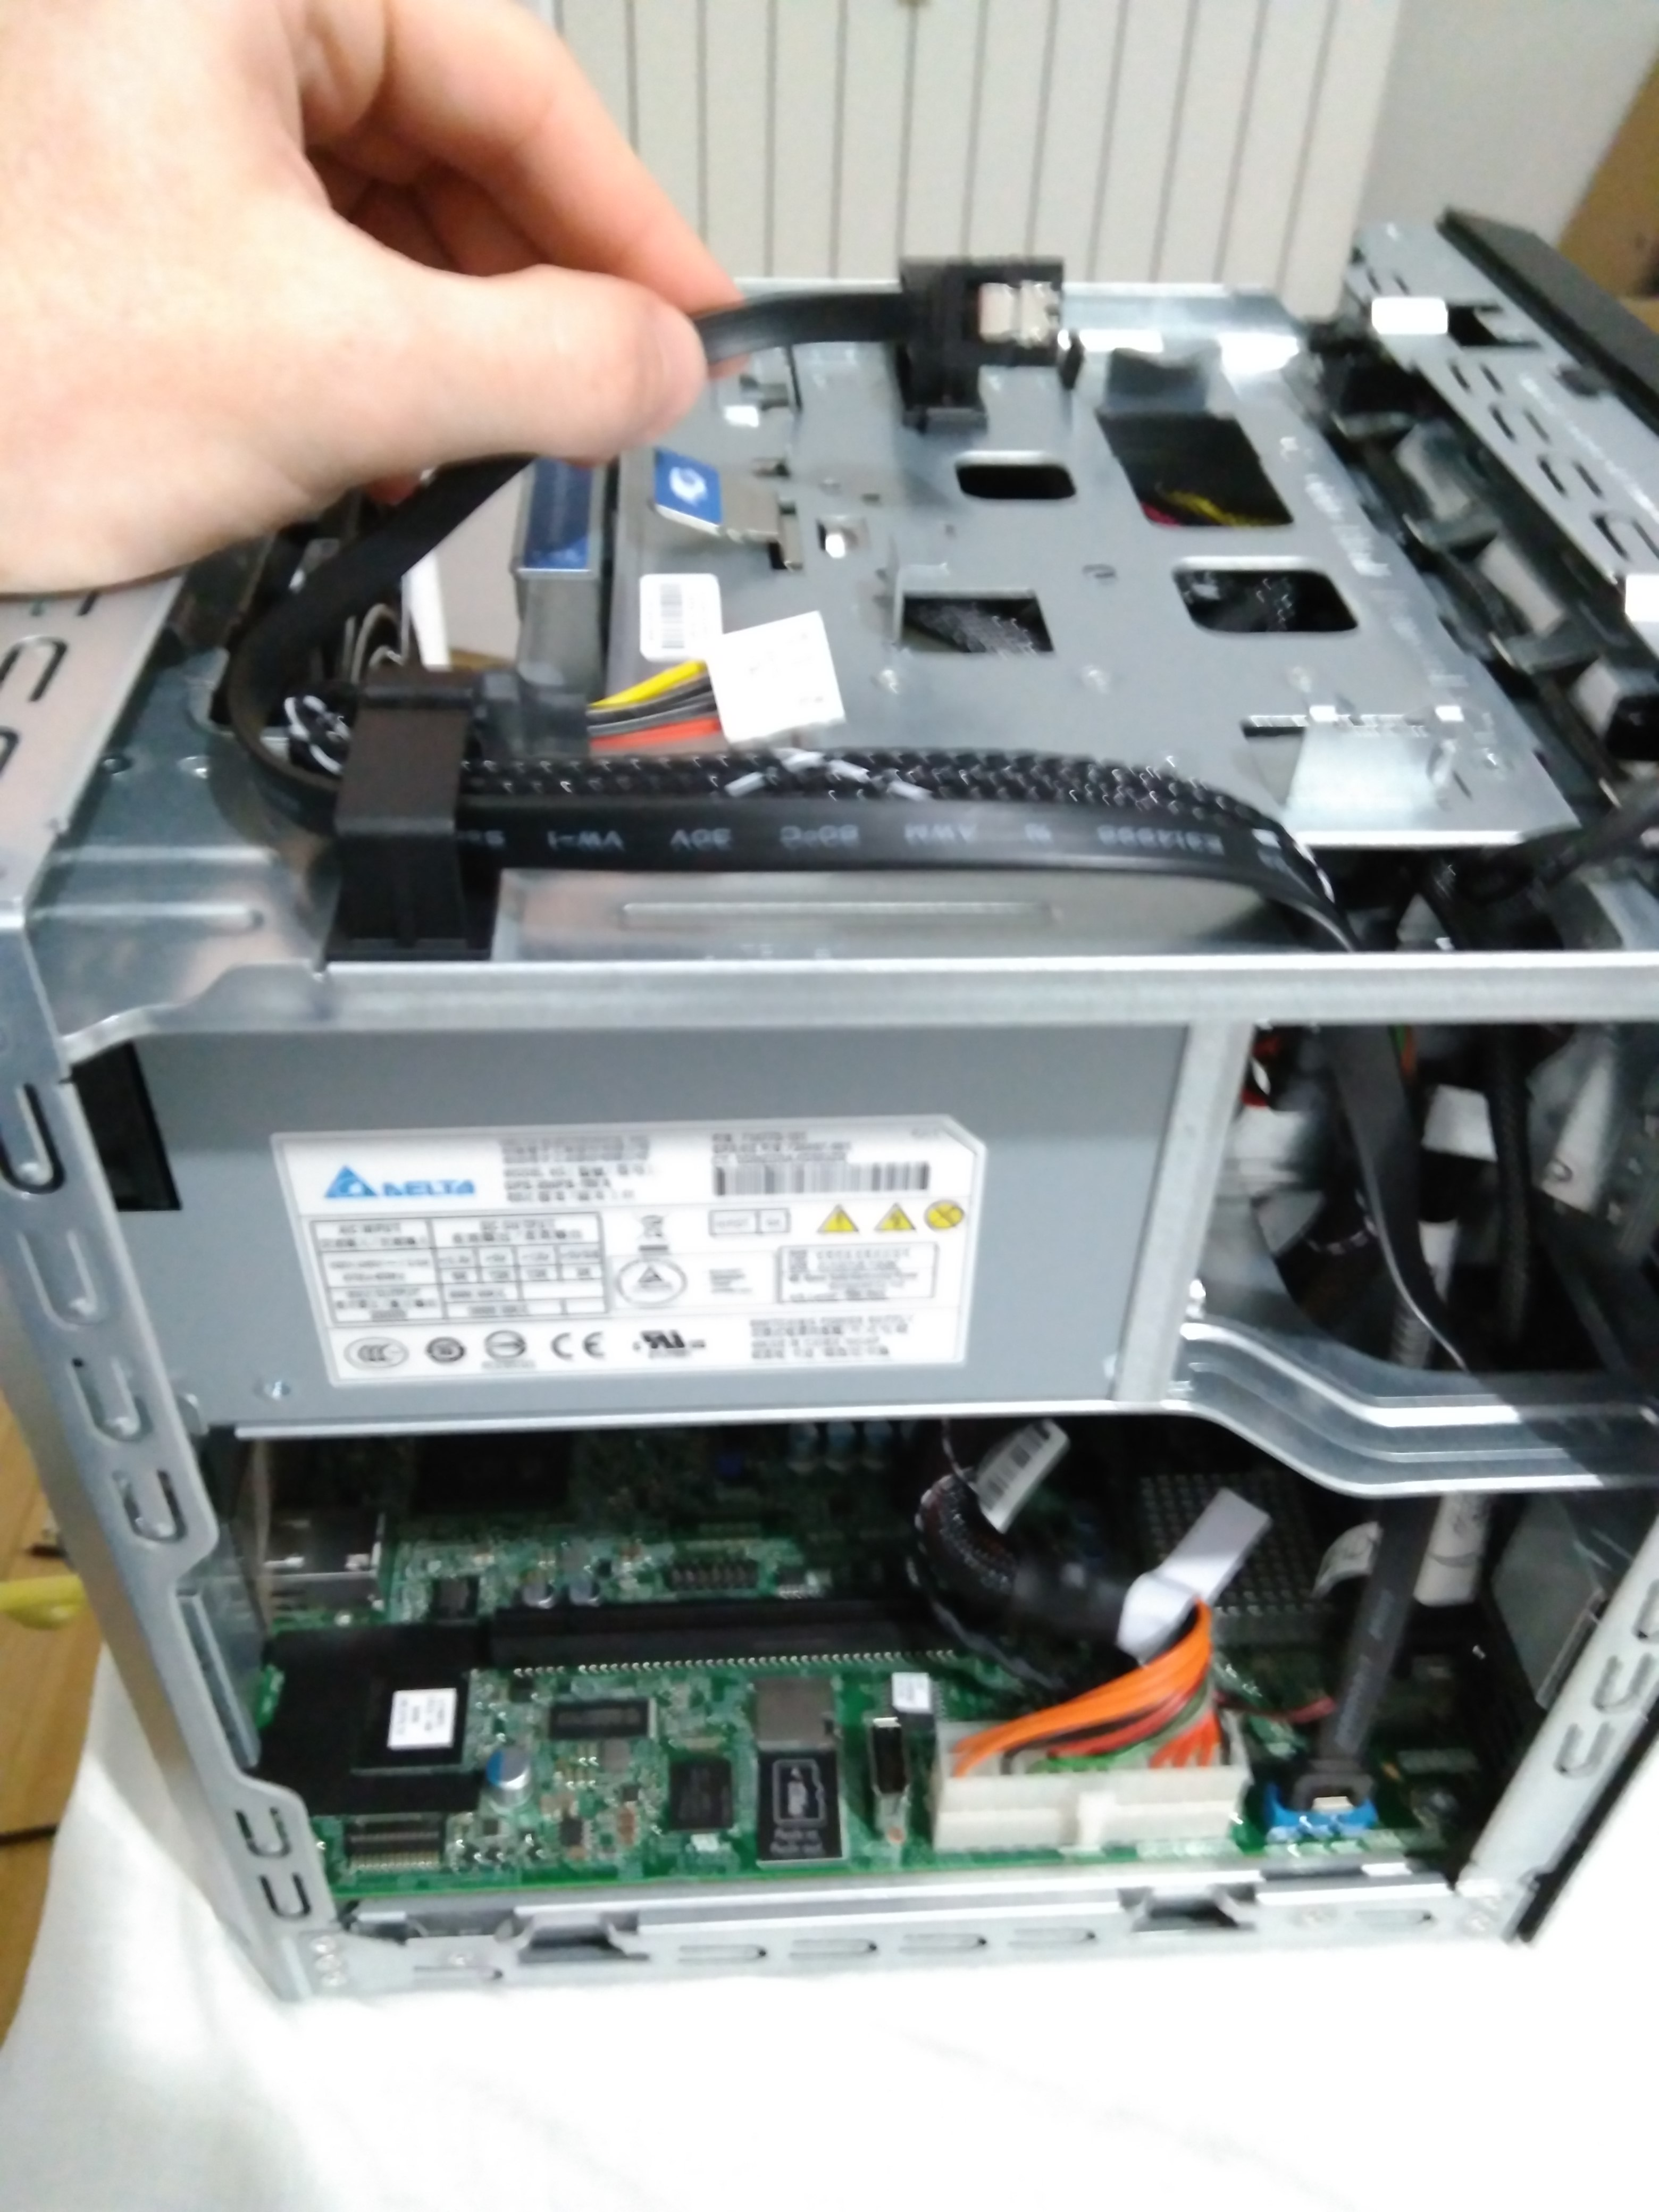 Home Server (4) – Install SSD to HP Microserver Gen8 - SomoIT net